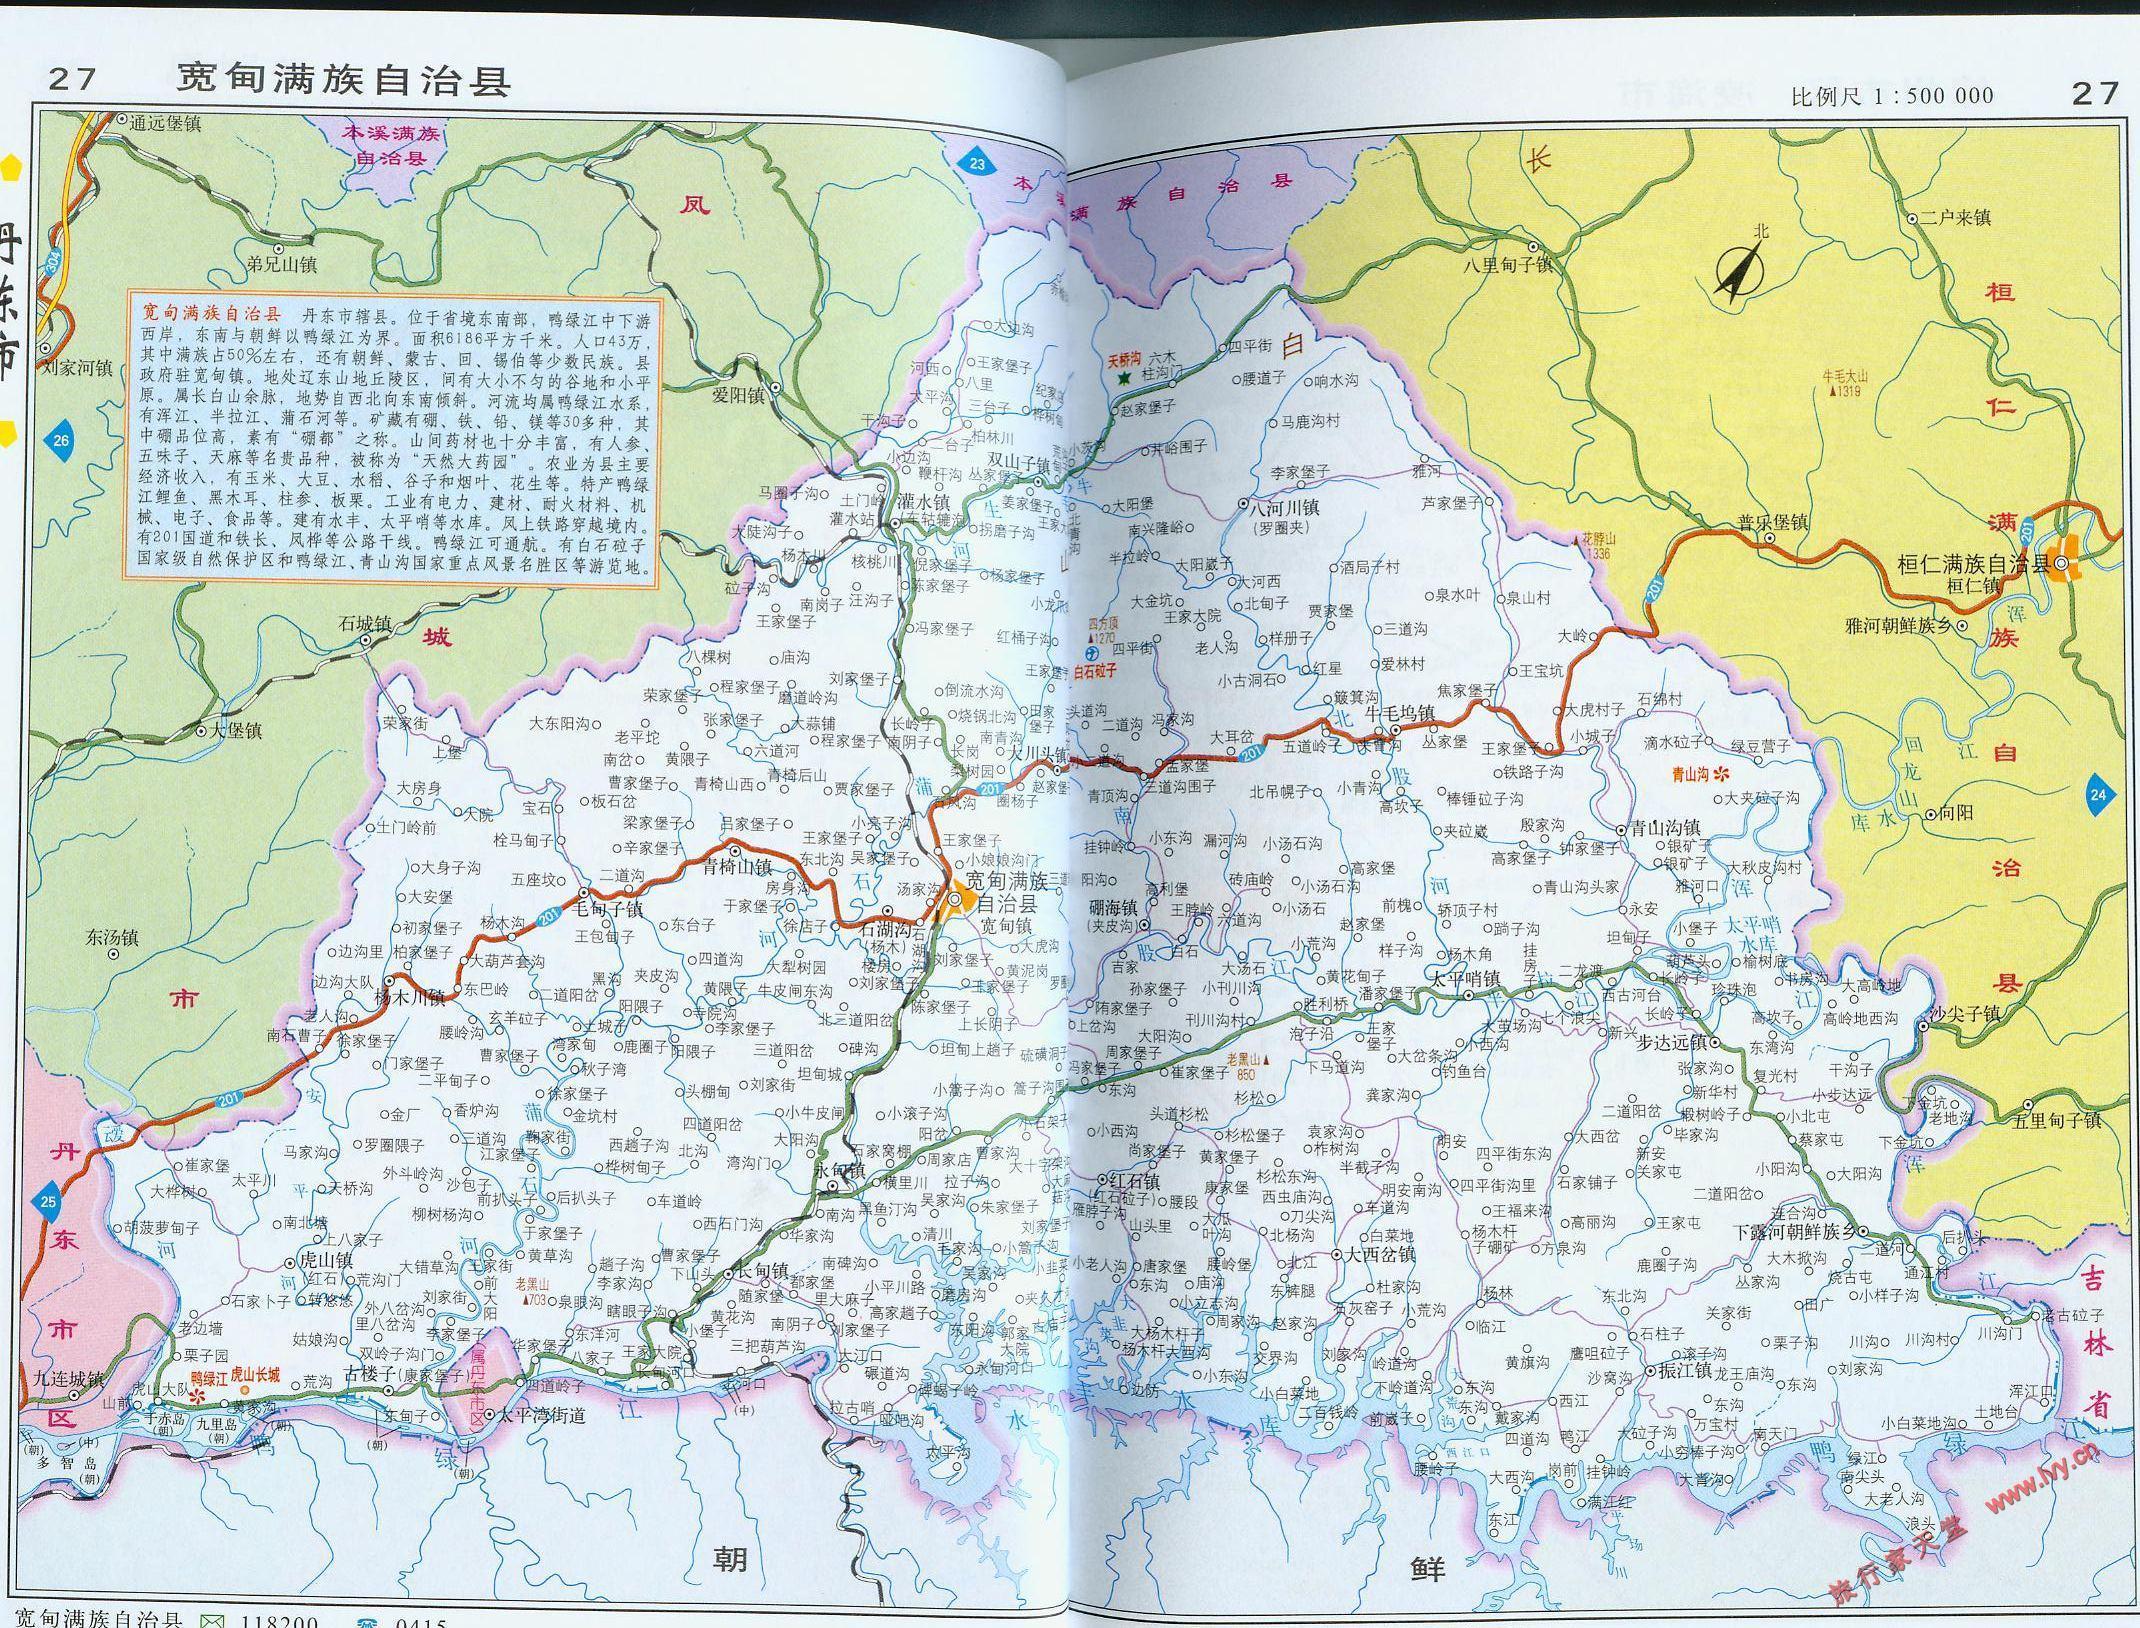 嘉峪关行政区规划图